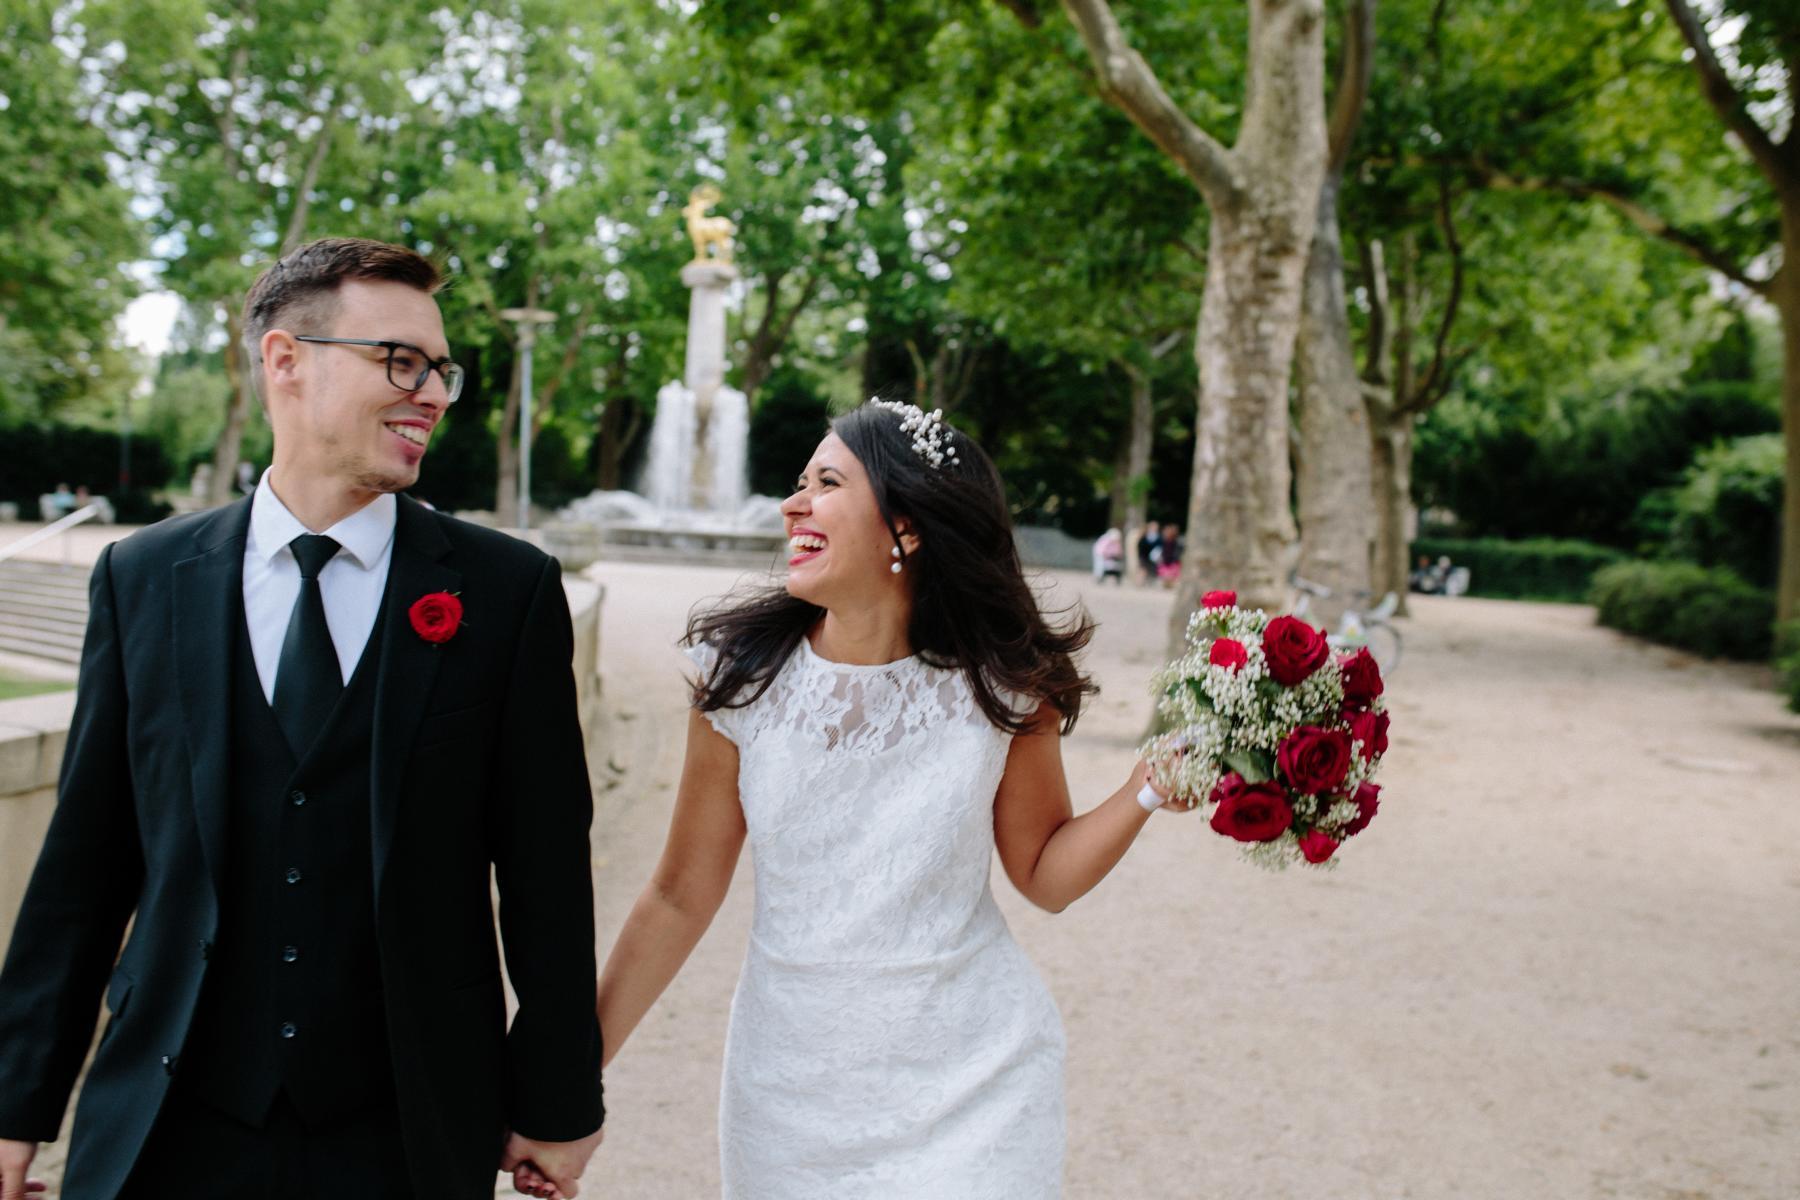 Brautpaar spaziert ausgelassen durch den Park am Rathaus Schöneberg